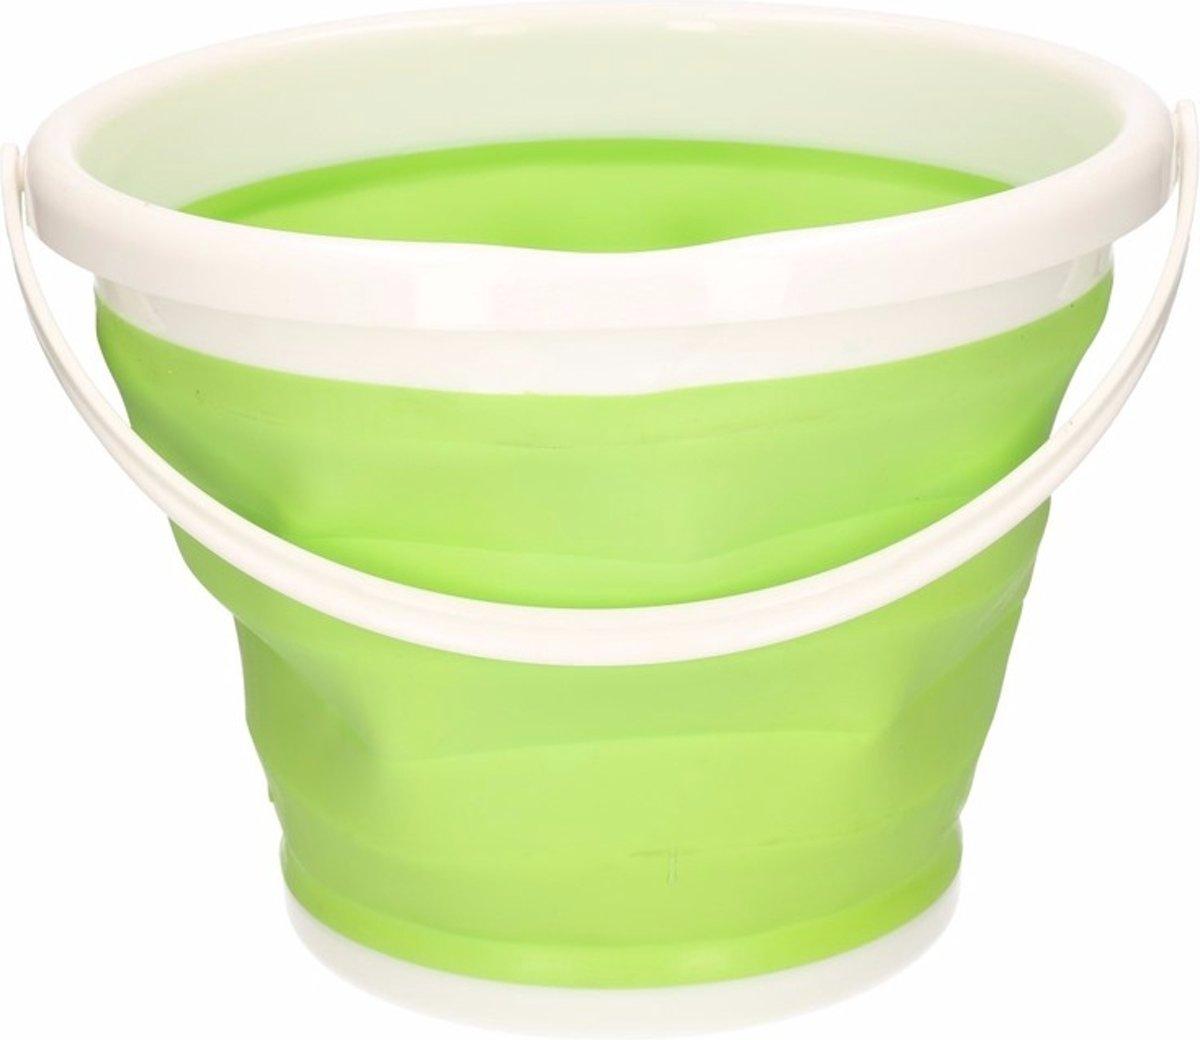 Opvouwbare emmer groen 10 liter kopen